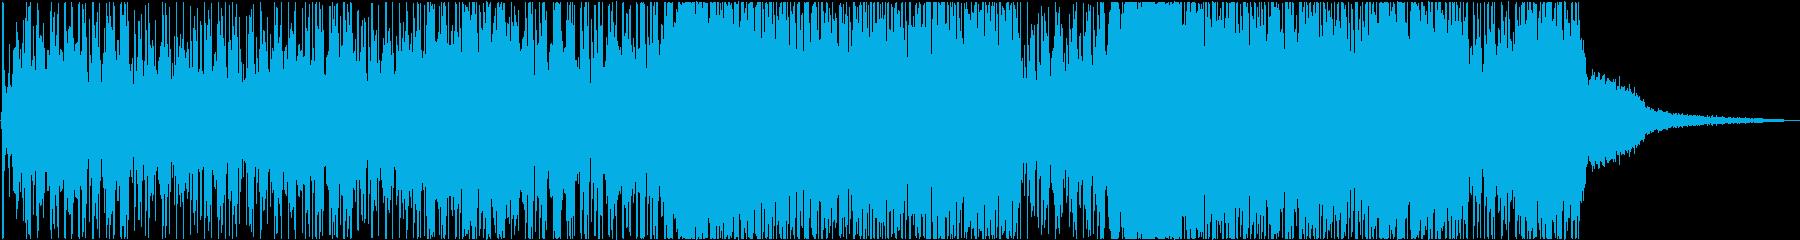 60 秒尺 オシャレなEDMのOPテーマの再生済みの波形